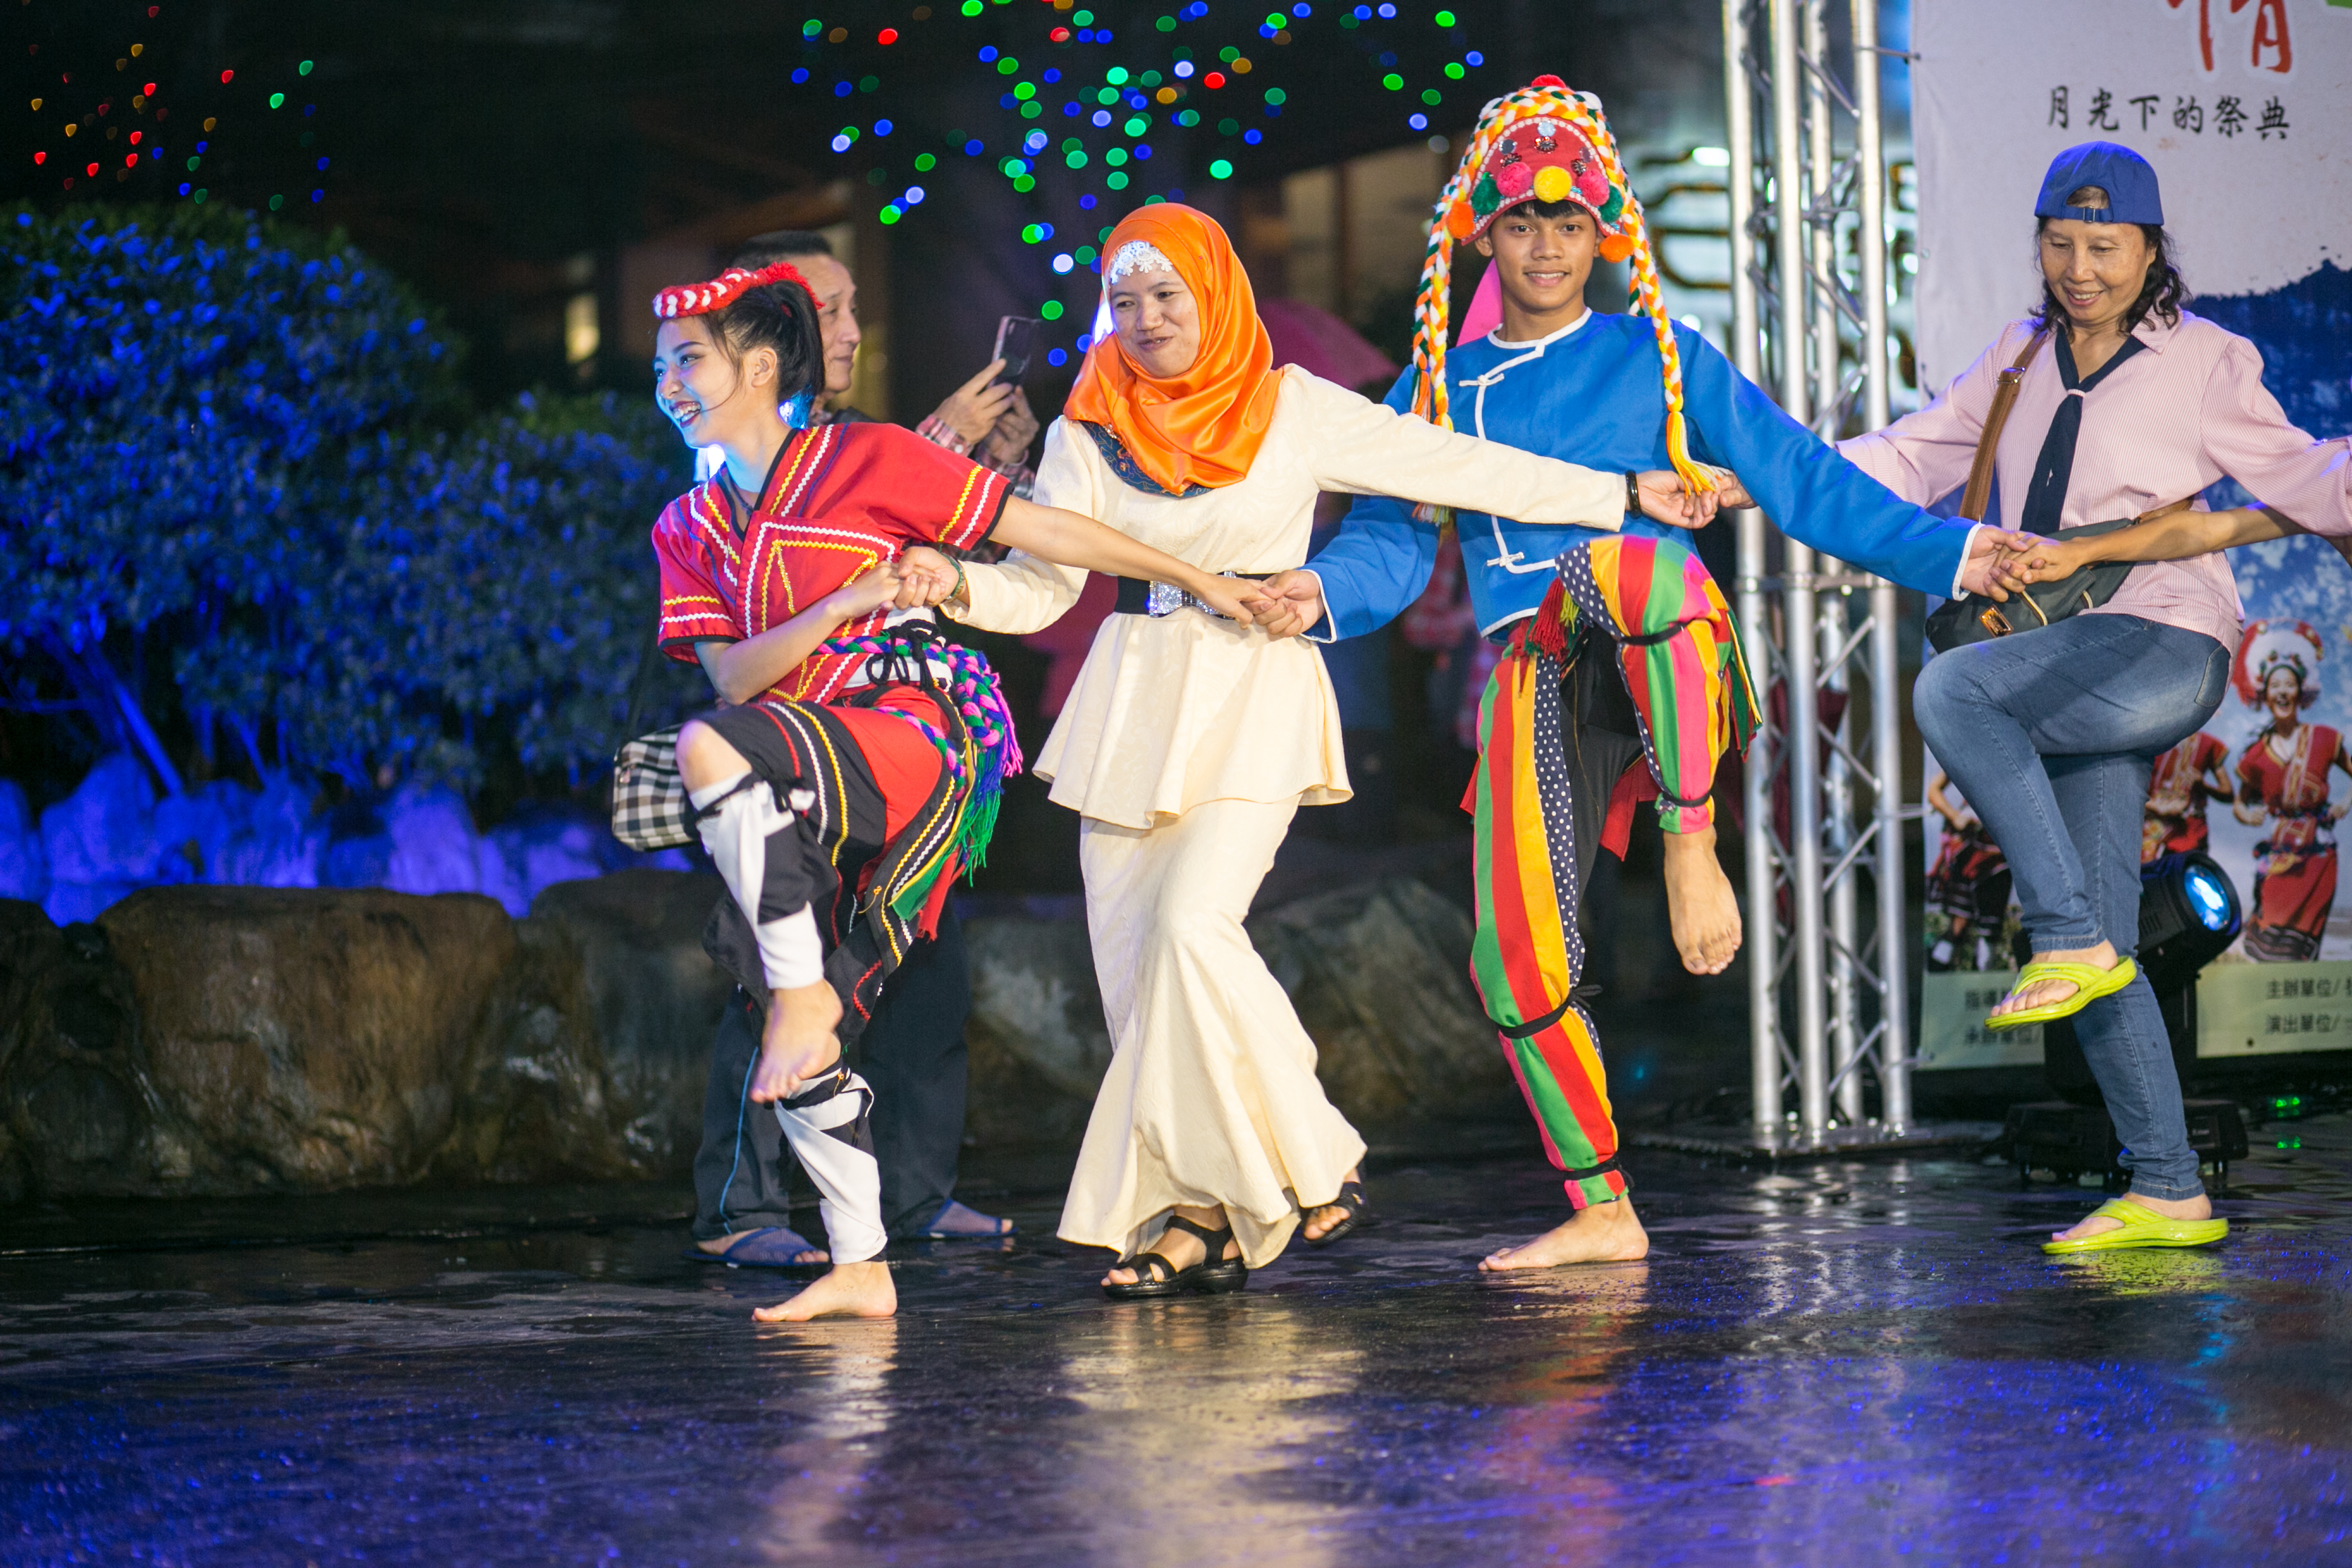 花都藝術季在谷關溫泉,原住民舞蹈,台中婚錄推薦22